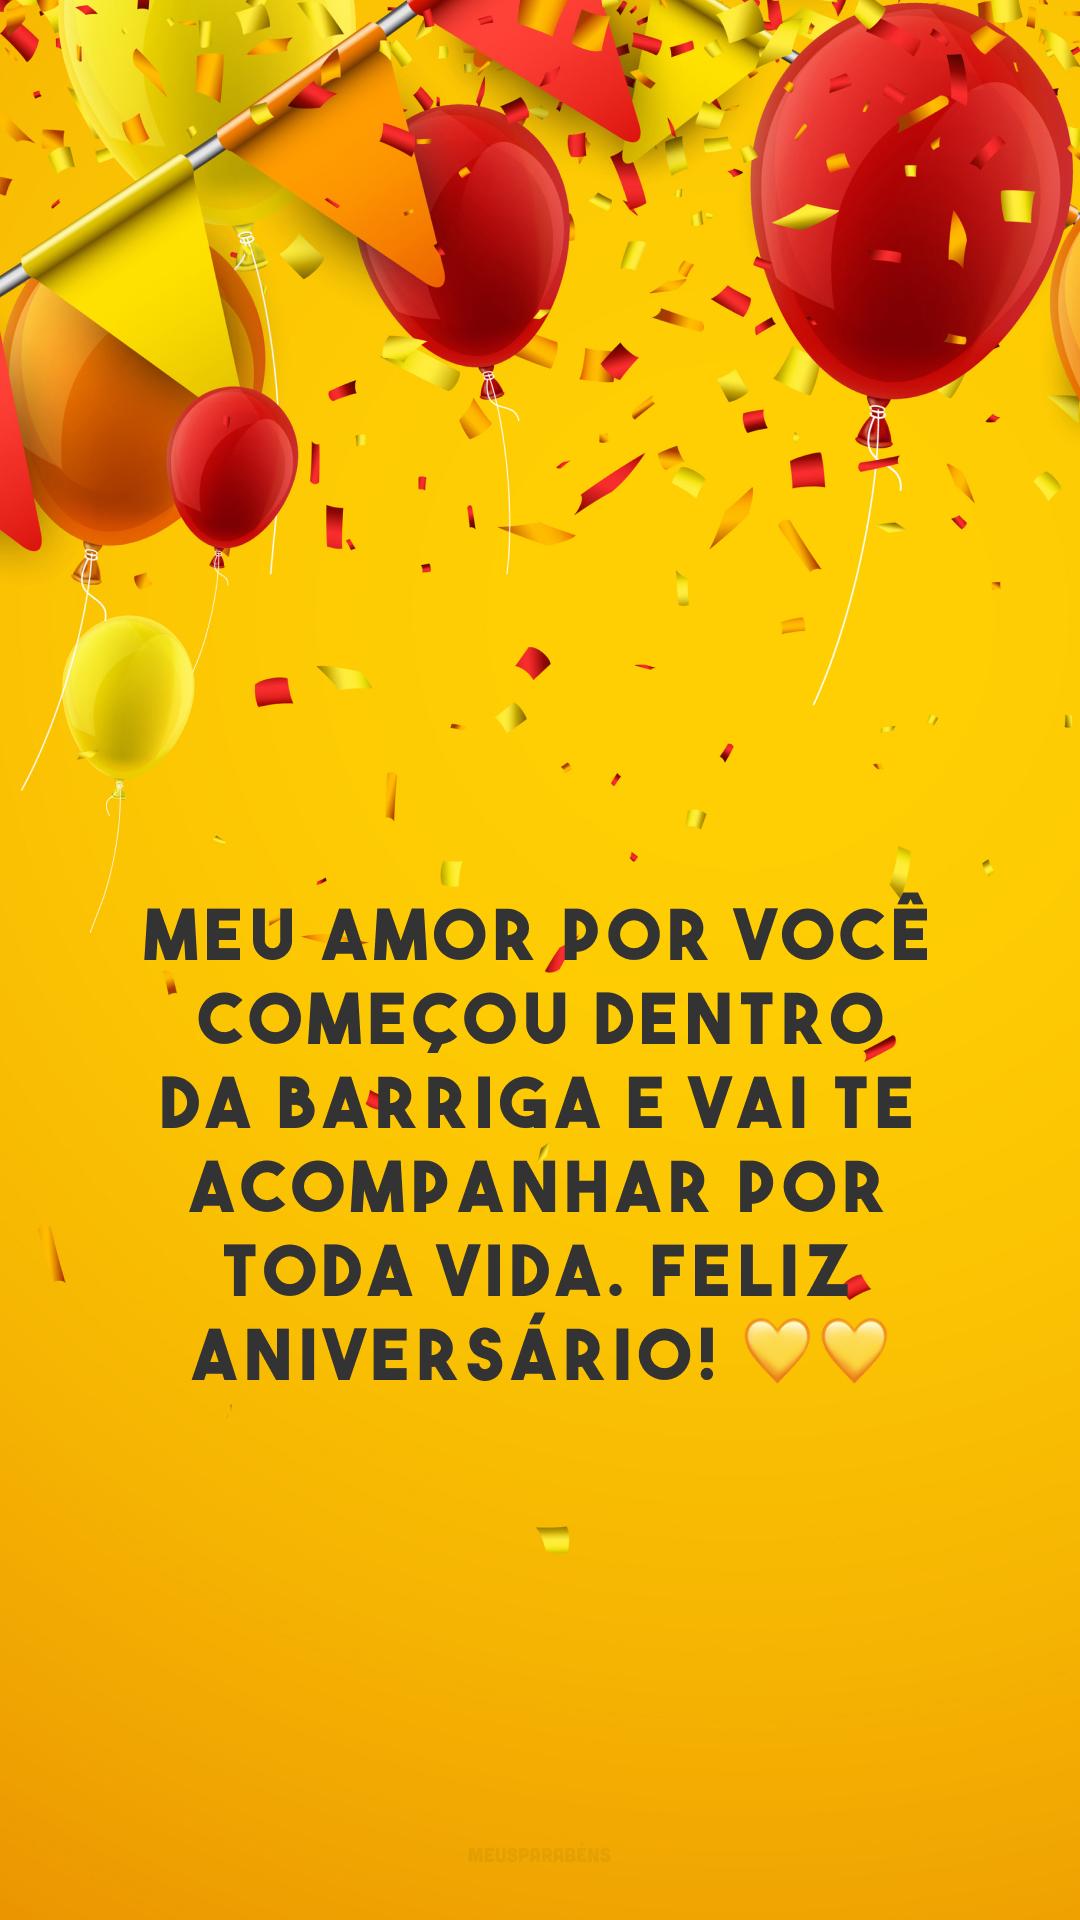 Meu amor por você começou dentro da barriga e vai te acompanhar por toda vida. Feliz aniversário! 💛💛